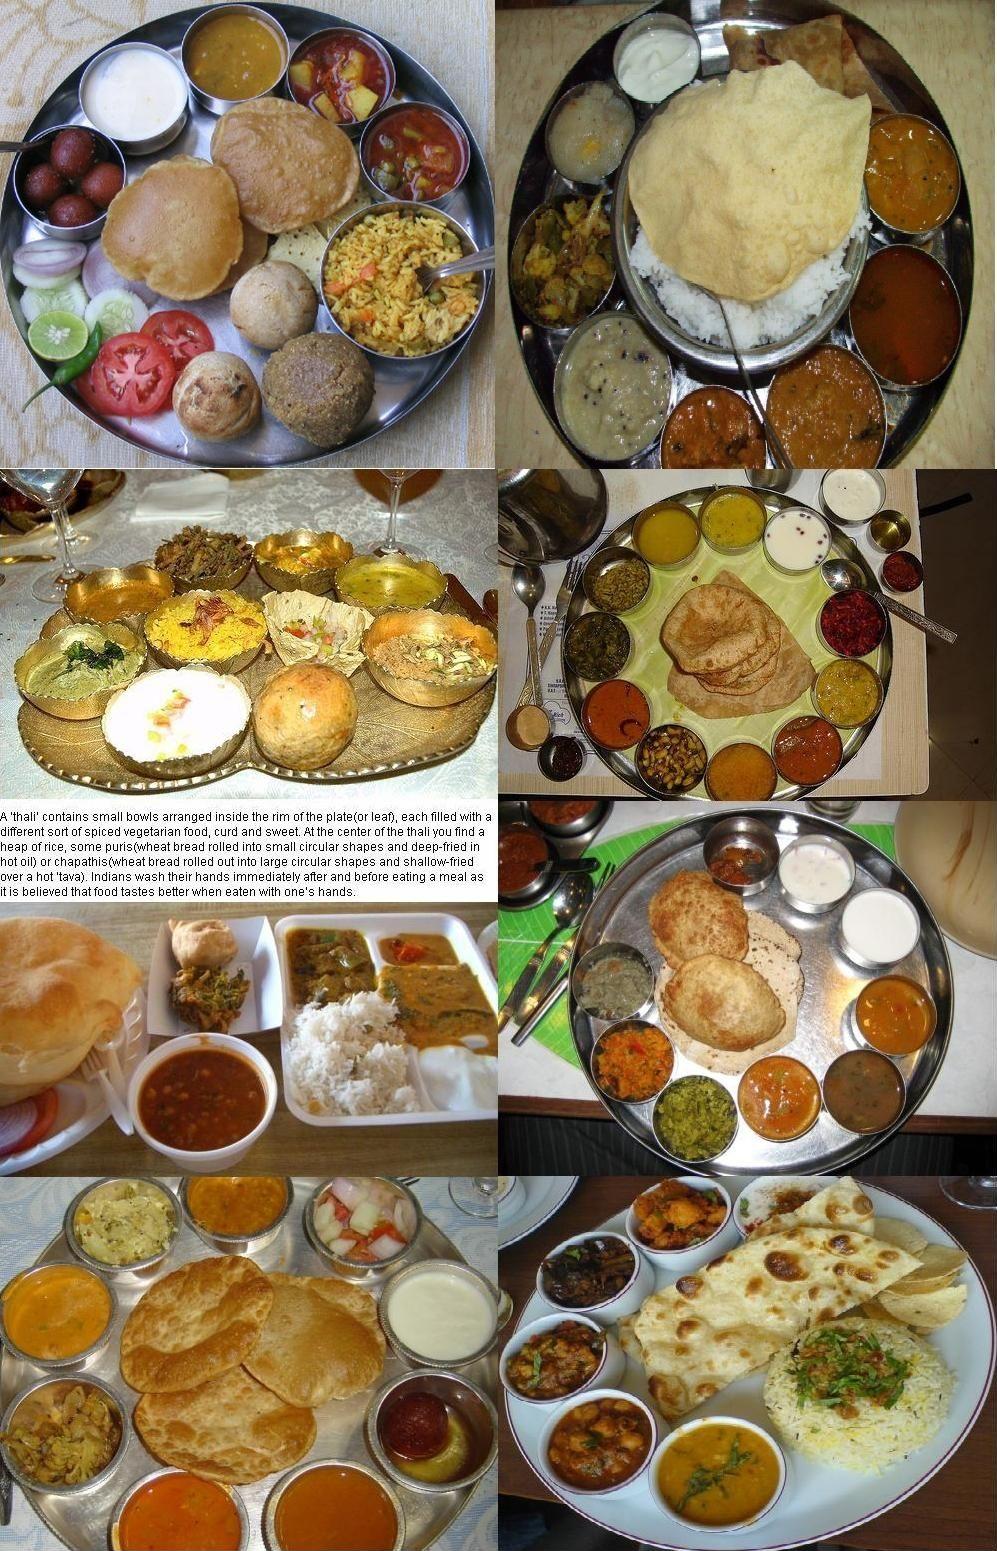 Indian tamil cuisine r india pinterest cuisine food ideas indian tamil cuisine forumfinder Gallery